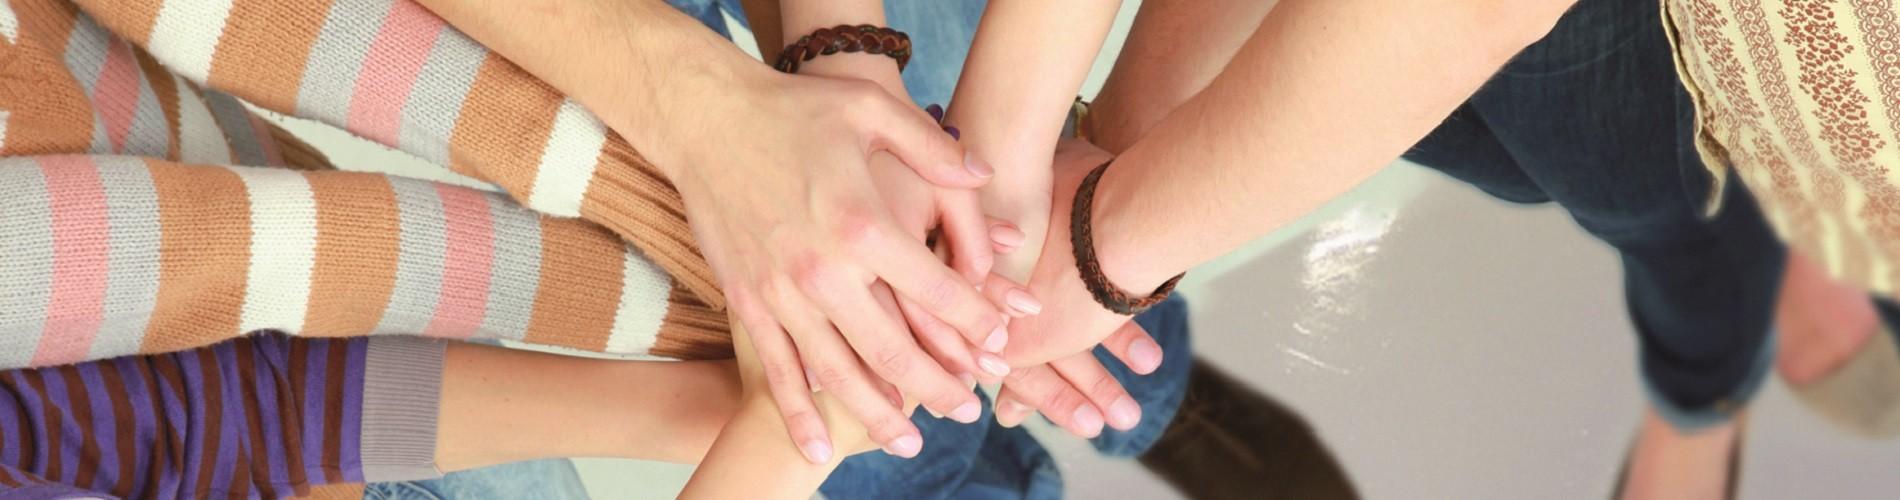 Hände Gruppe